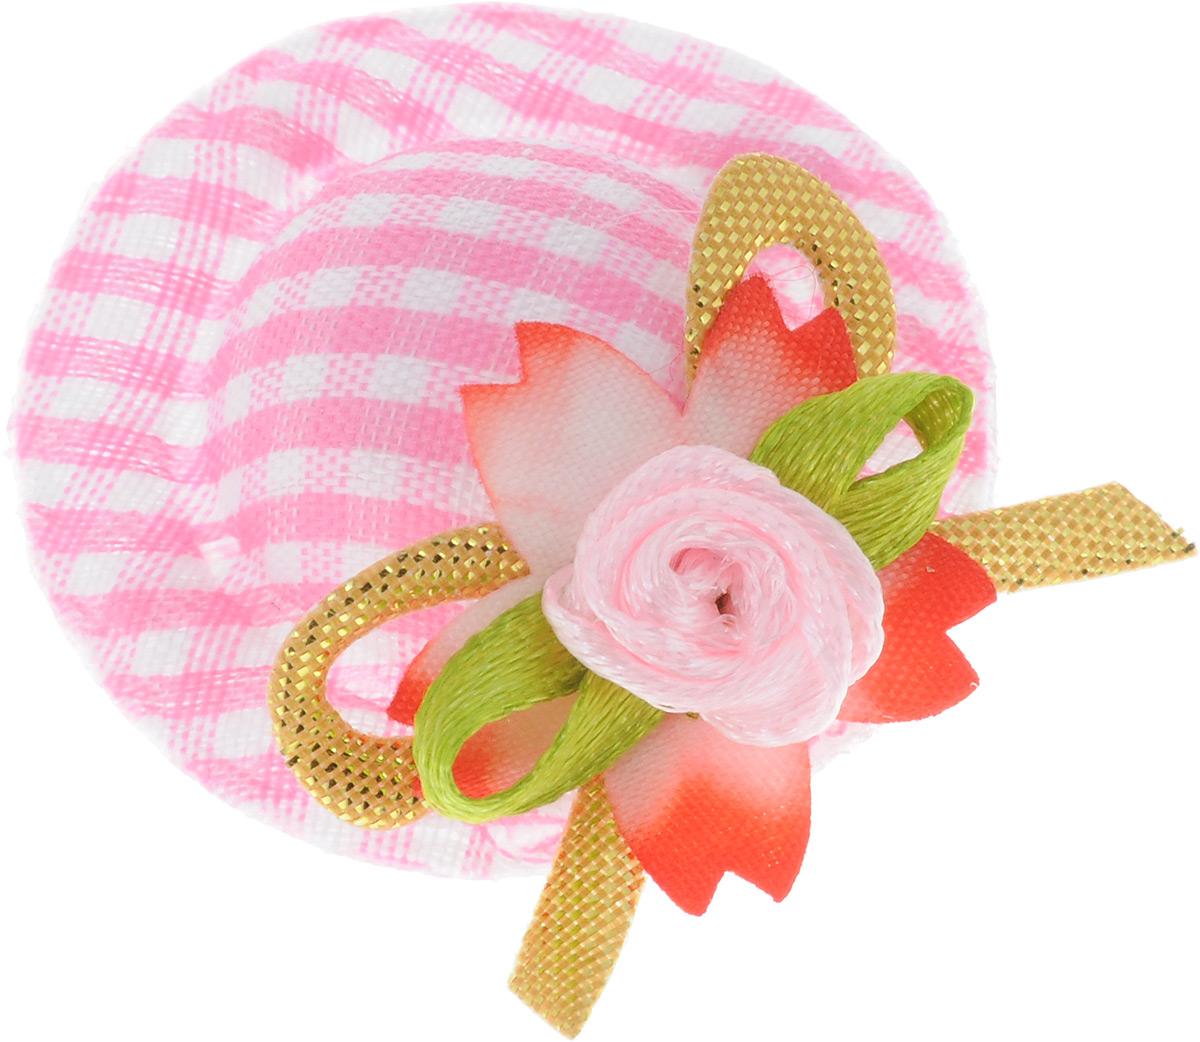 Заколка-шляпка для собак VIPet Ностальжи, цвет: розовый, диаметр 3,5 см12171996Заколка-шляпка VIPet Ностальжи - это красивое и стильное украшение для собак. Заколка прекрасно крепится на волосах и позволяет фиксировать шерсть. Выполнена из стали, пластика и тканей различных структур, плотностей и фактур.